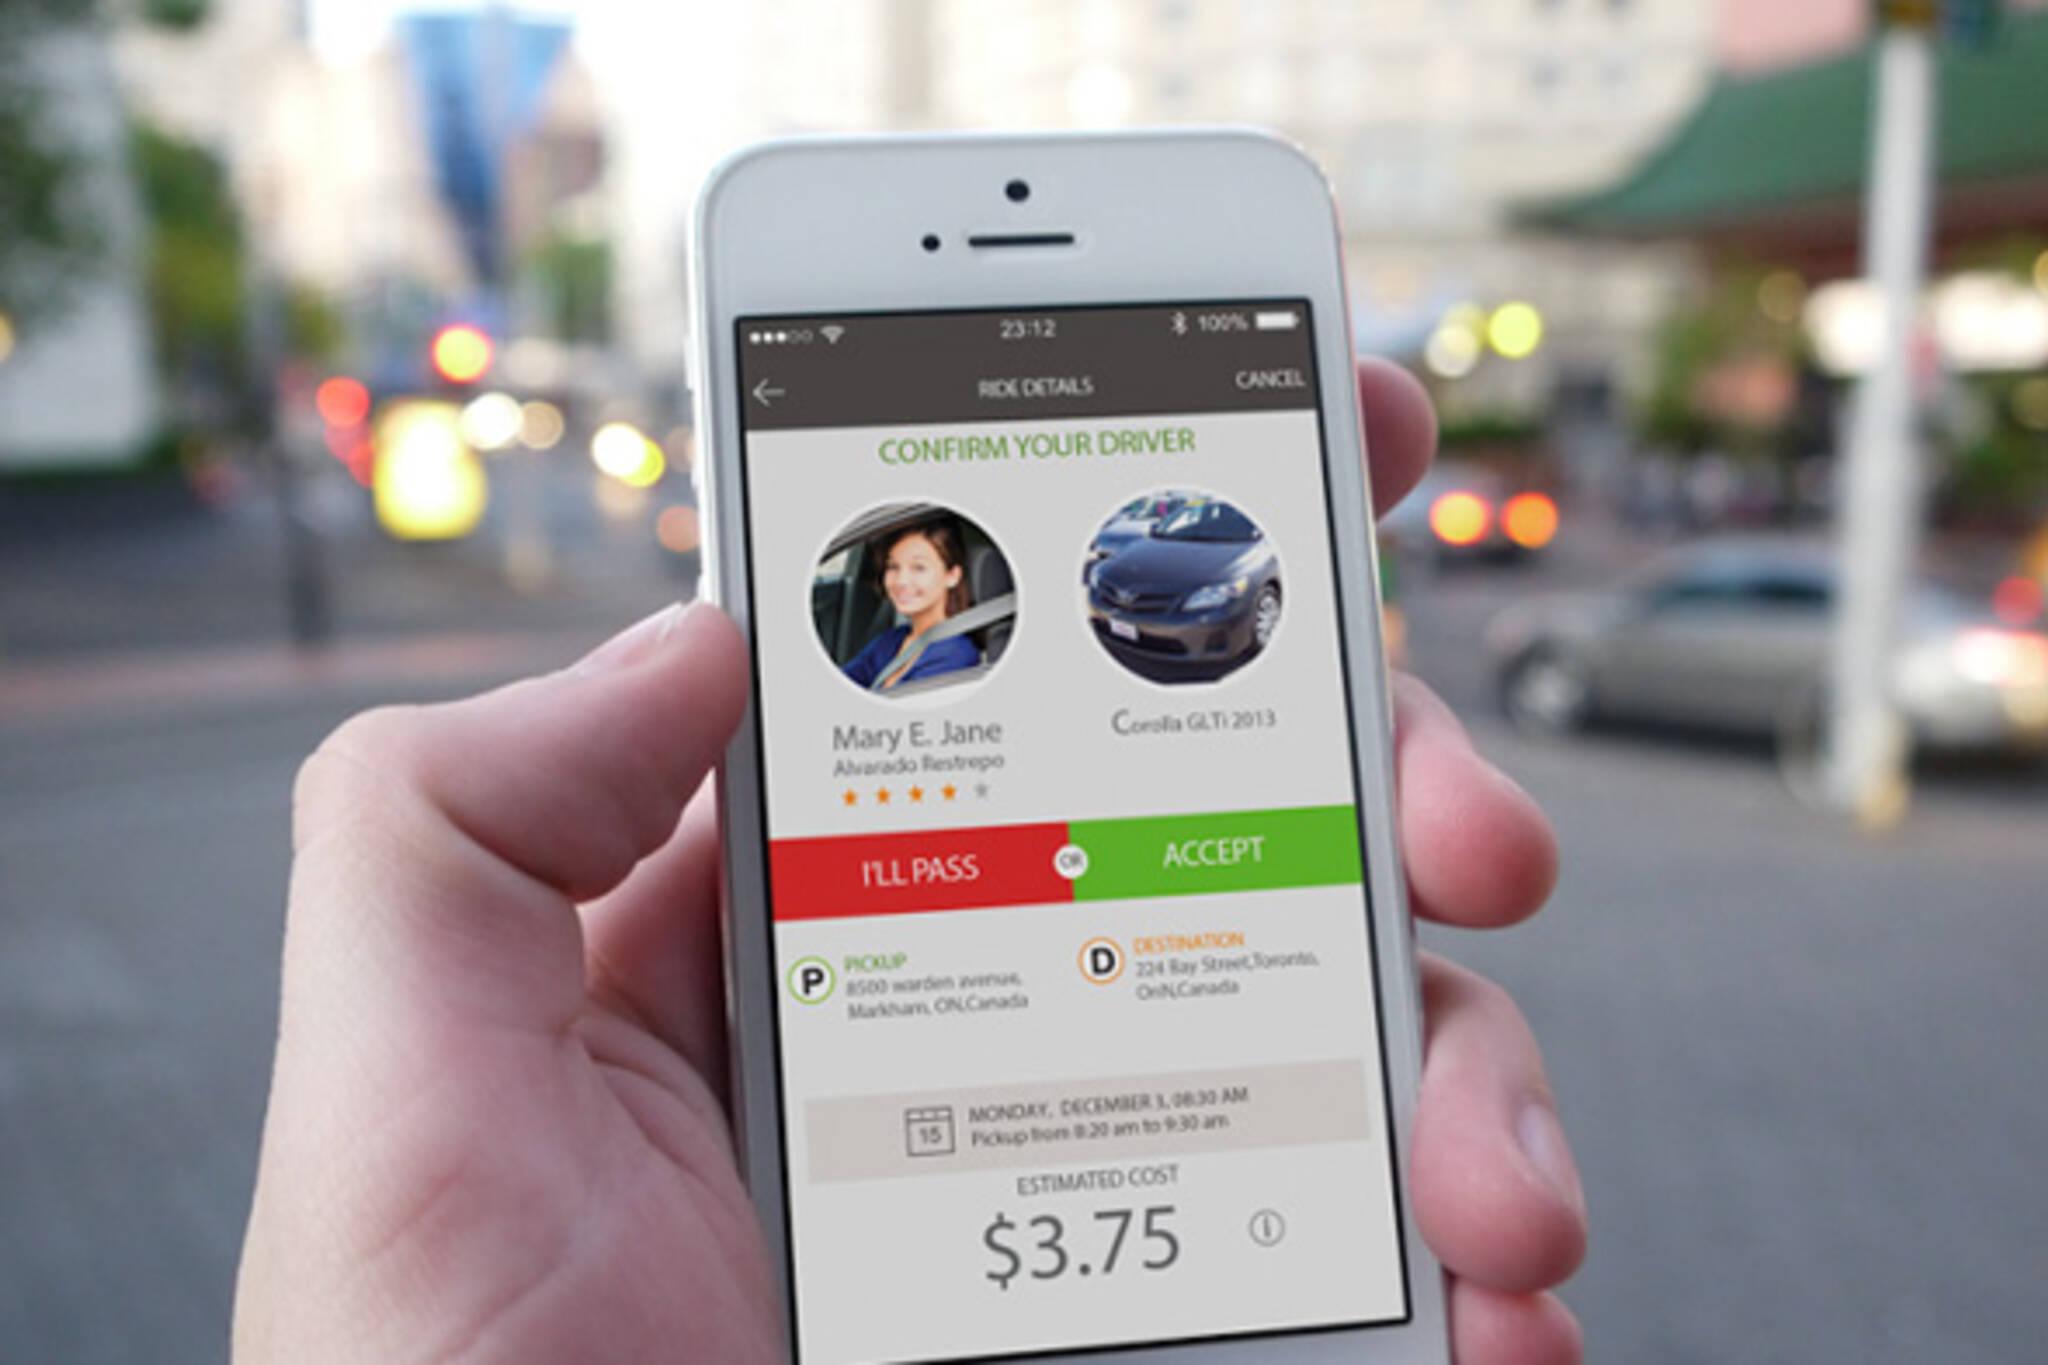 Toronto Gets A New Carpooling App